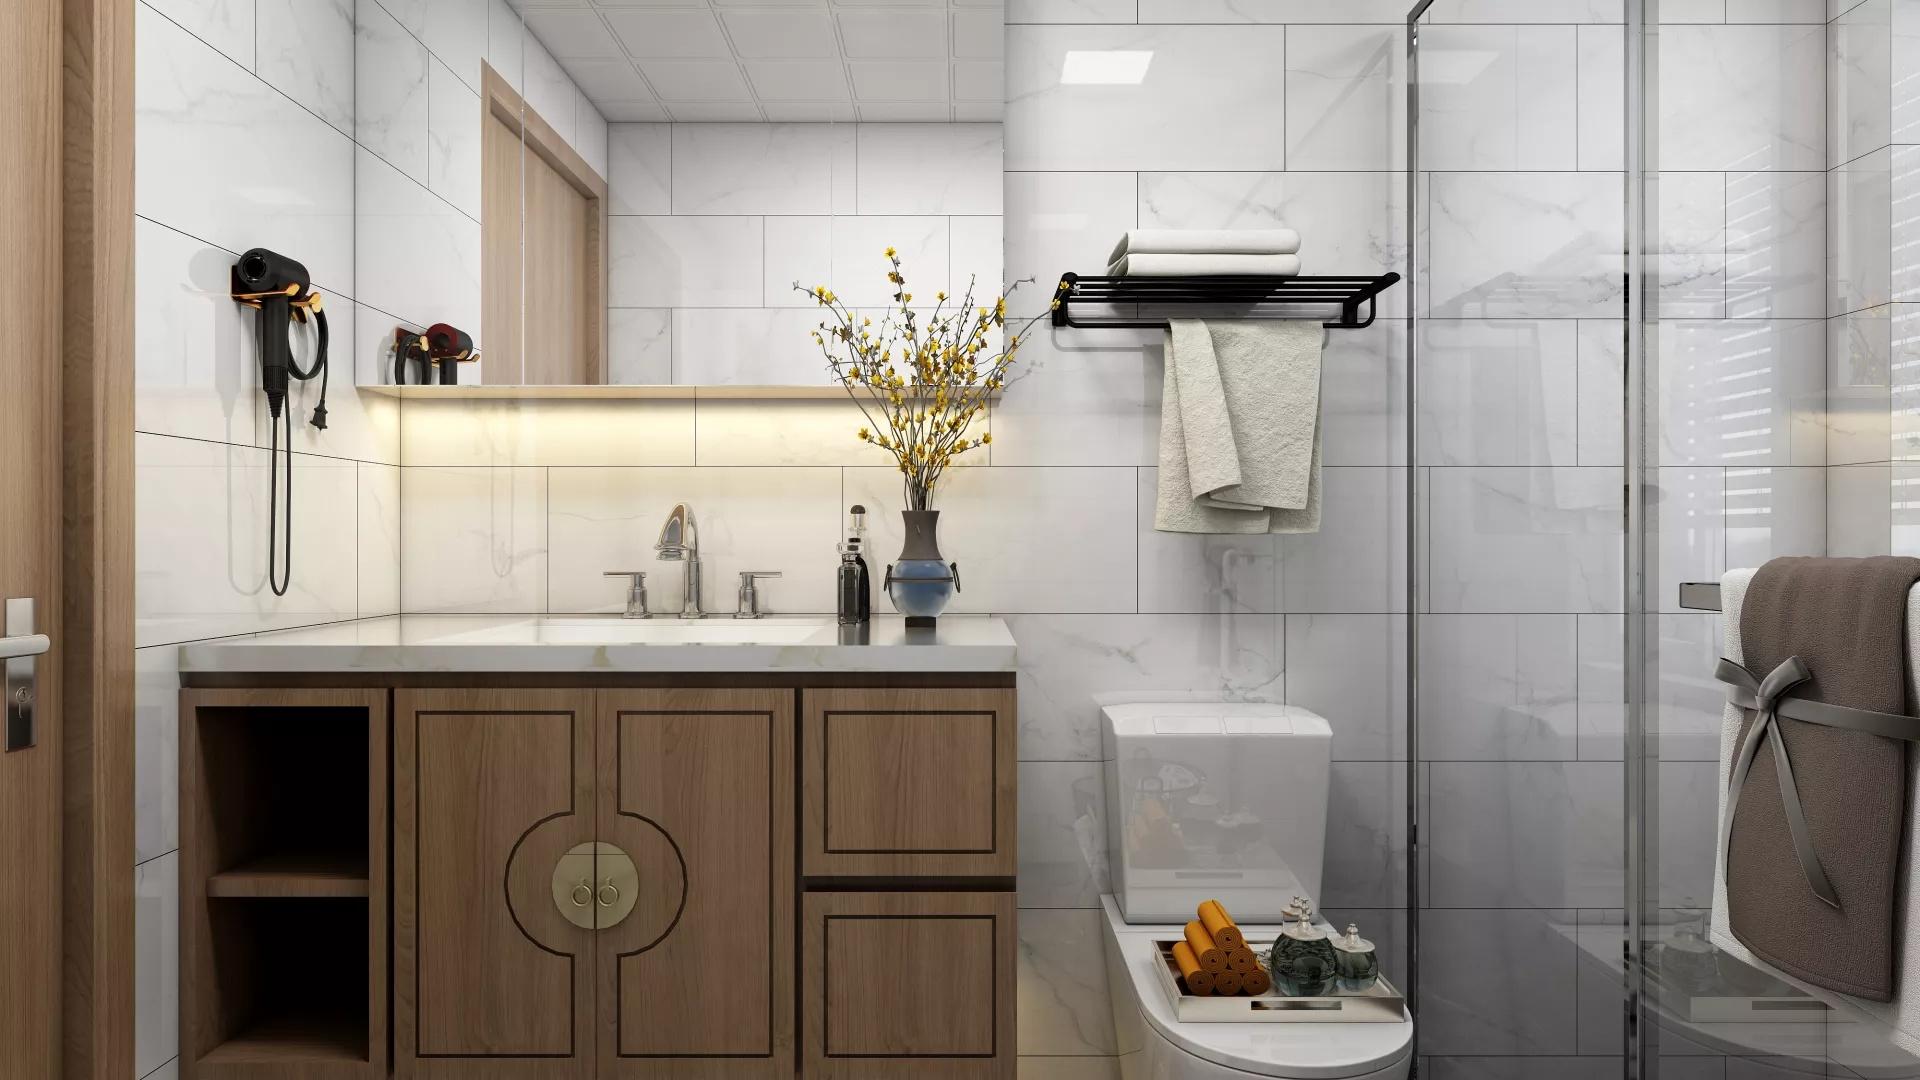 小卫生间装修 卫生间装修图片